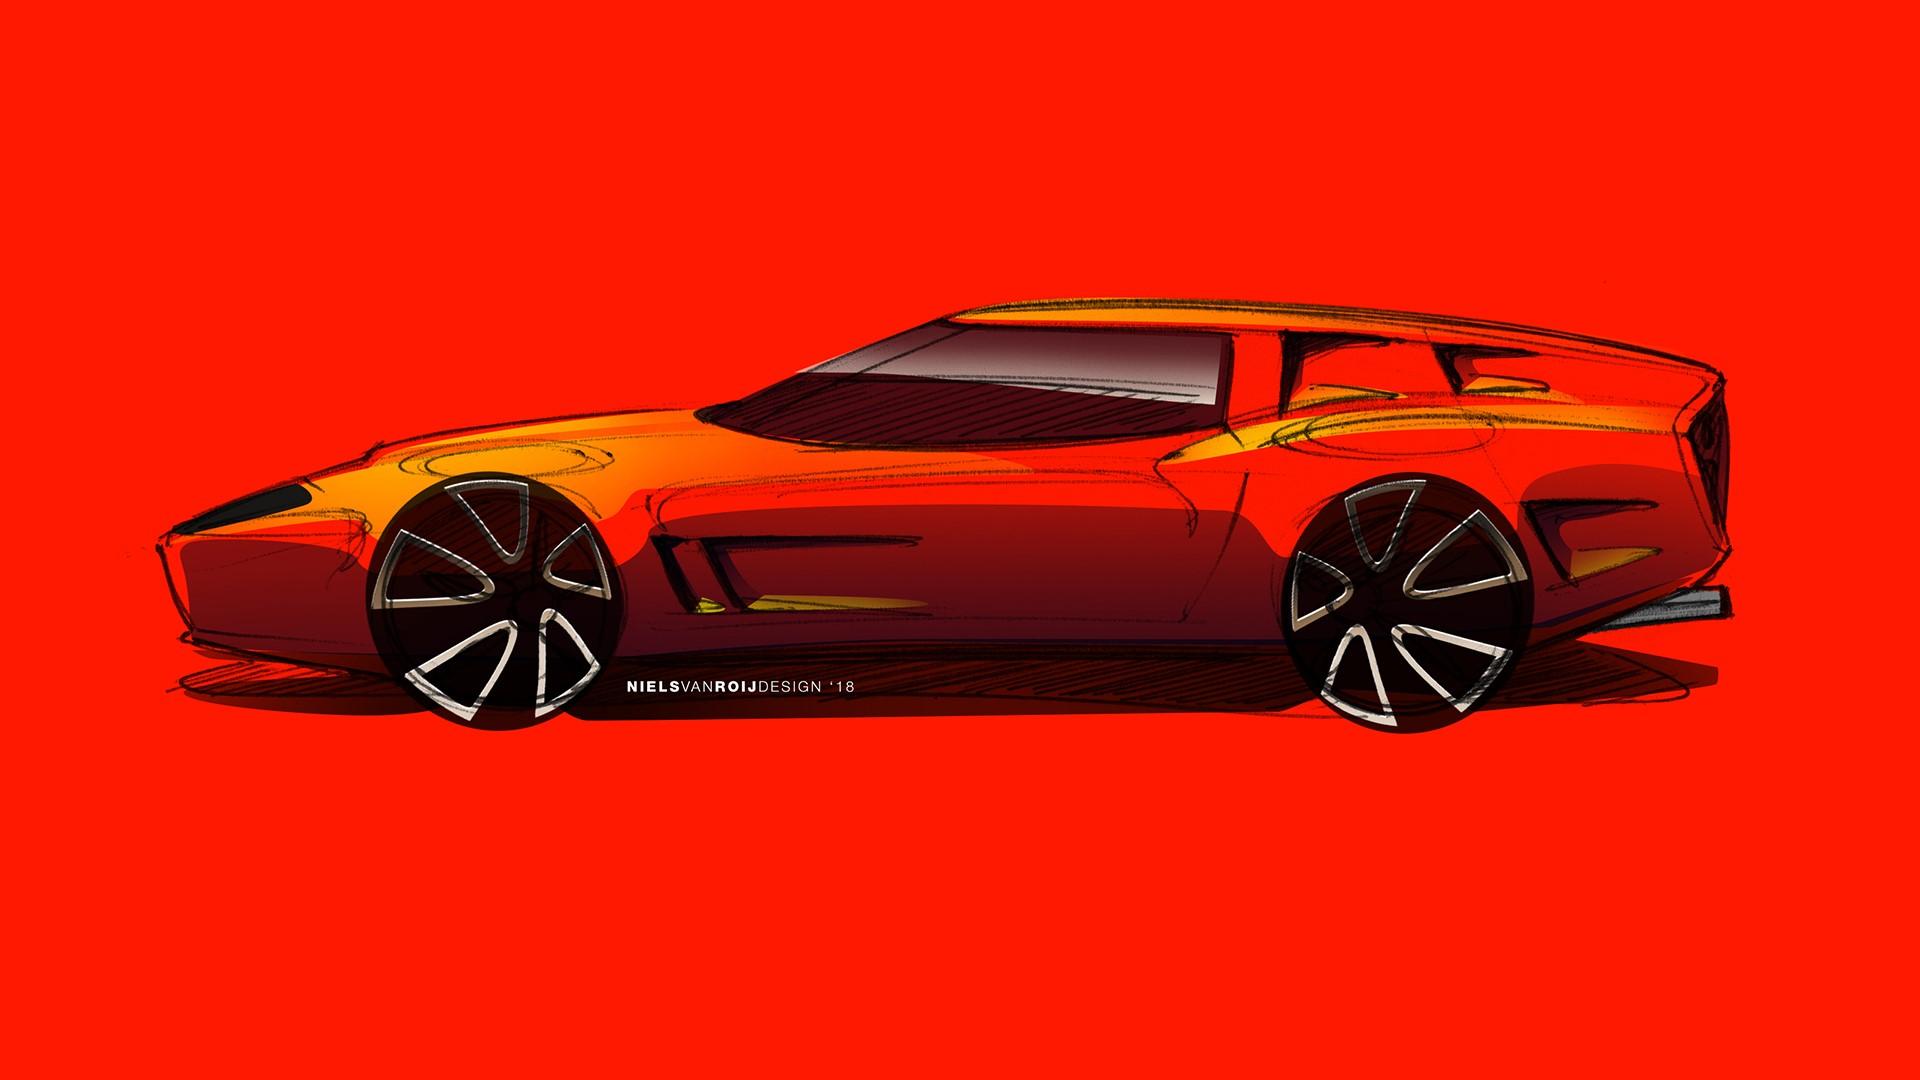 18 12 26 Niels van Roij Design - Breadvan Hommage ideation 003